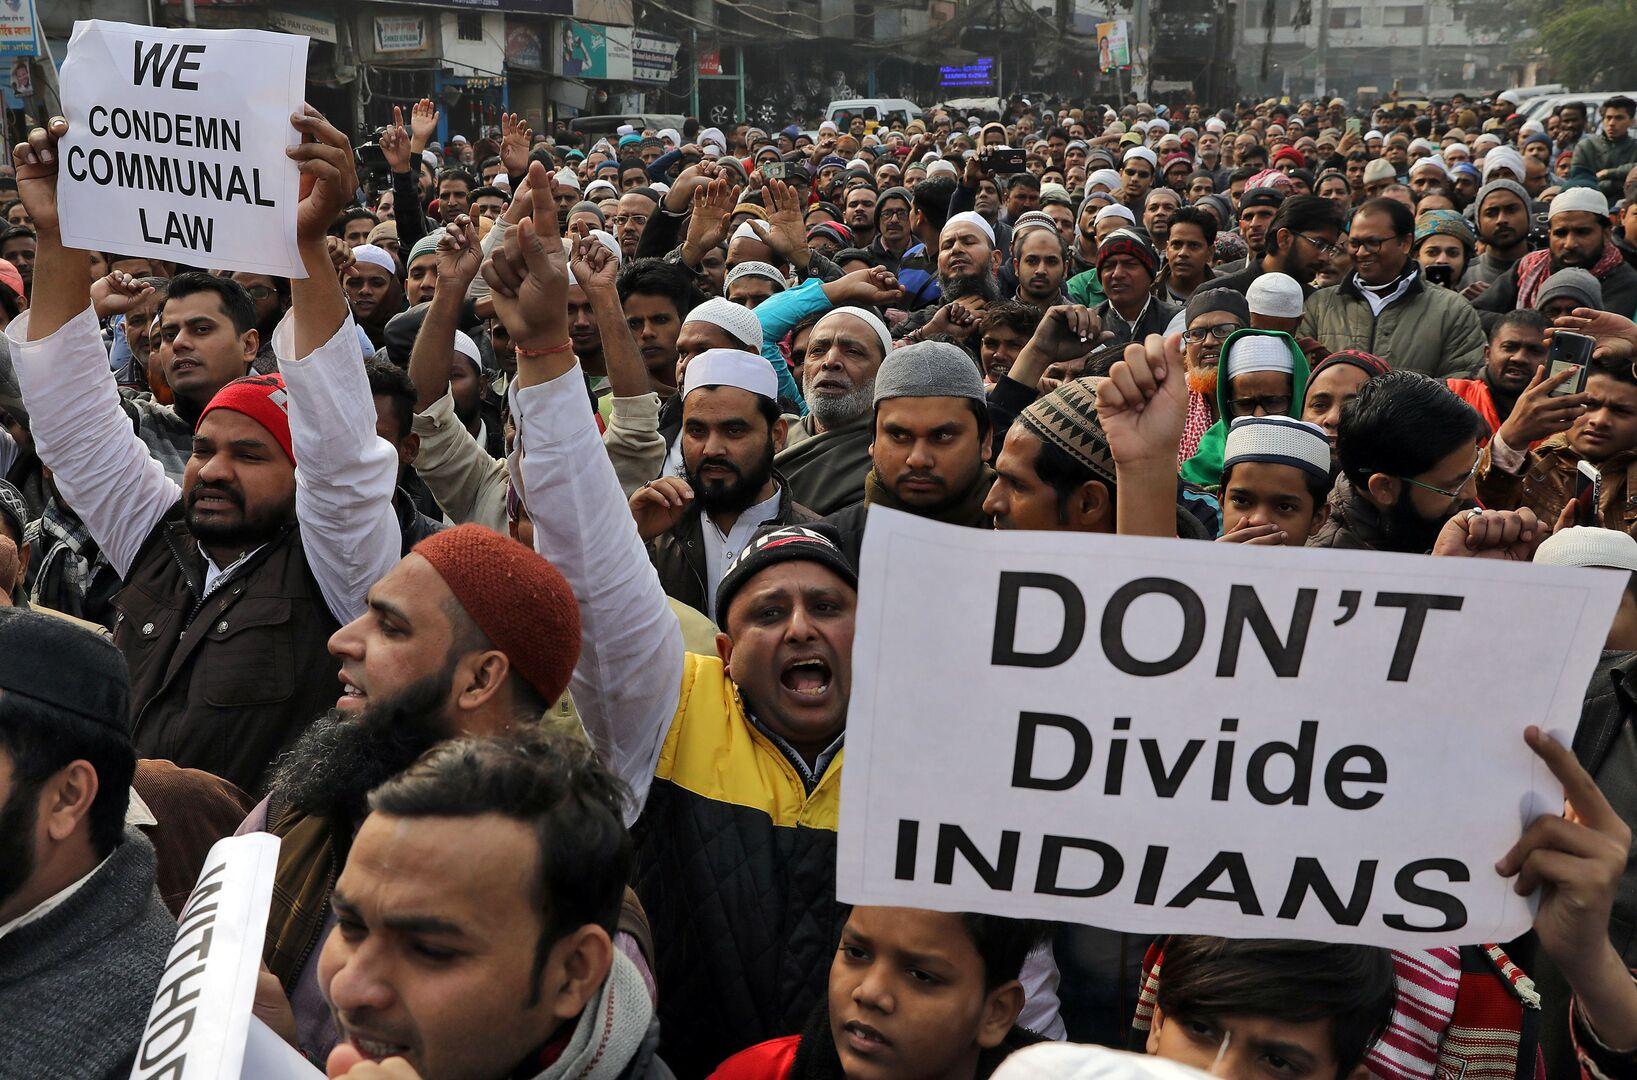 مظاهرة احتجاجية في الهند